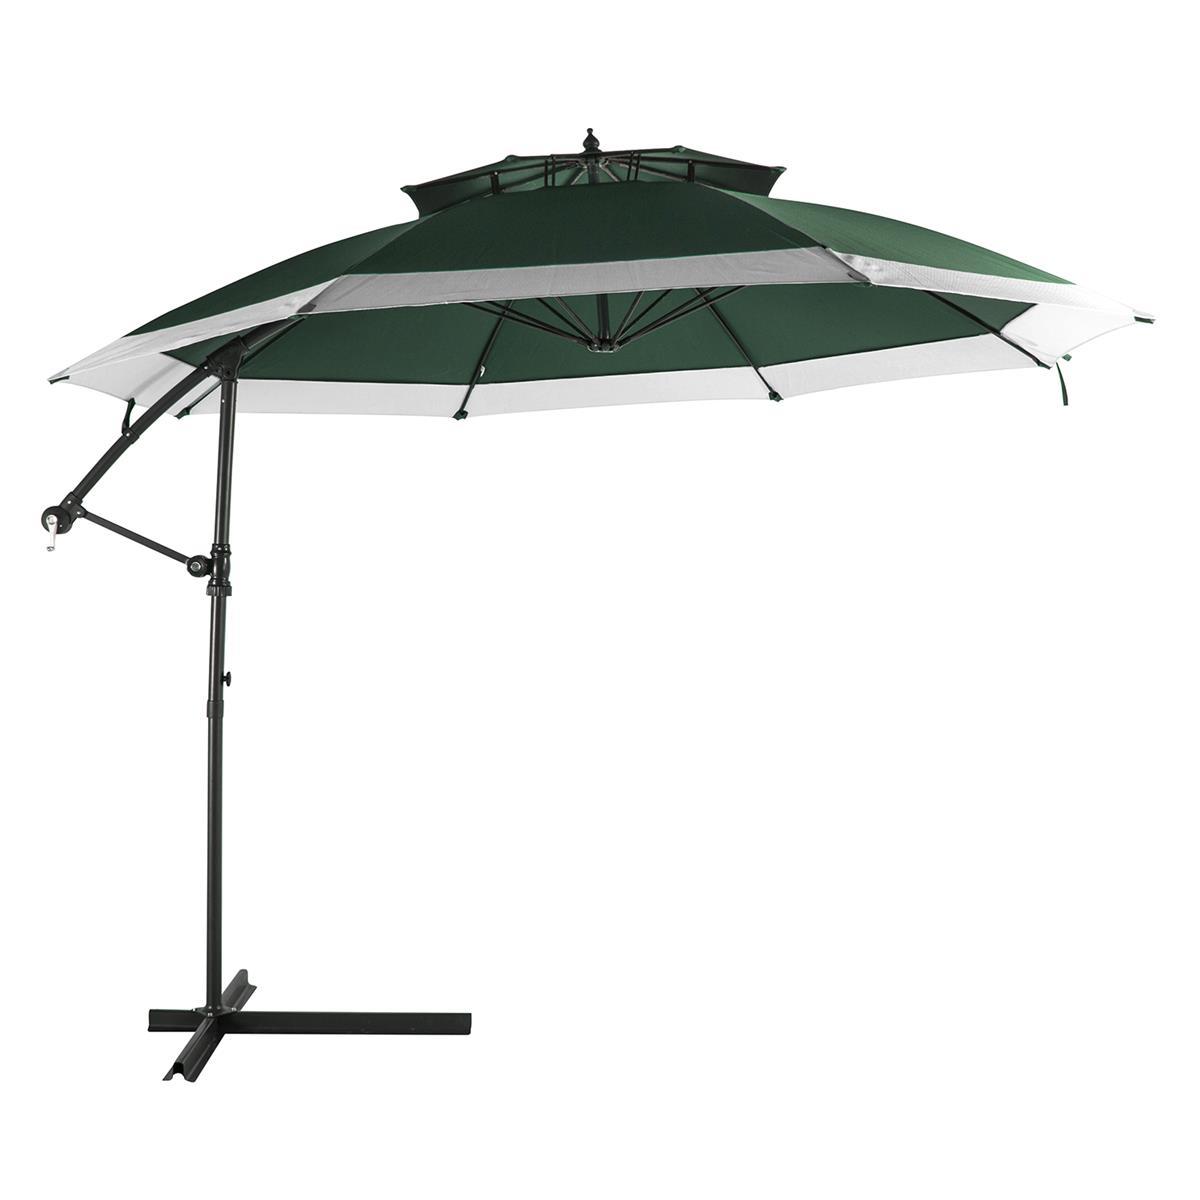 Barras de tejadilho de Hilux e dossel para fabrica ombrelone da parte superior | Maria Pumar Industria